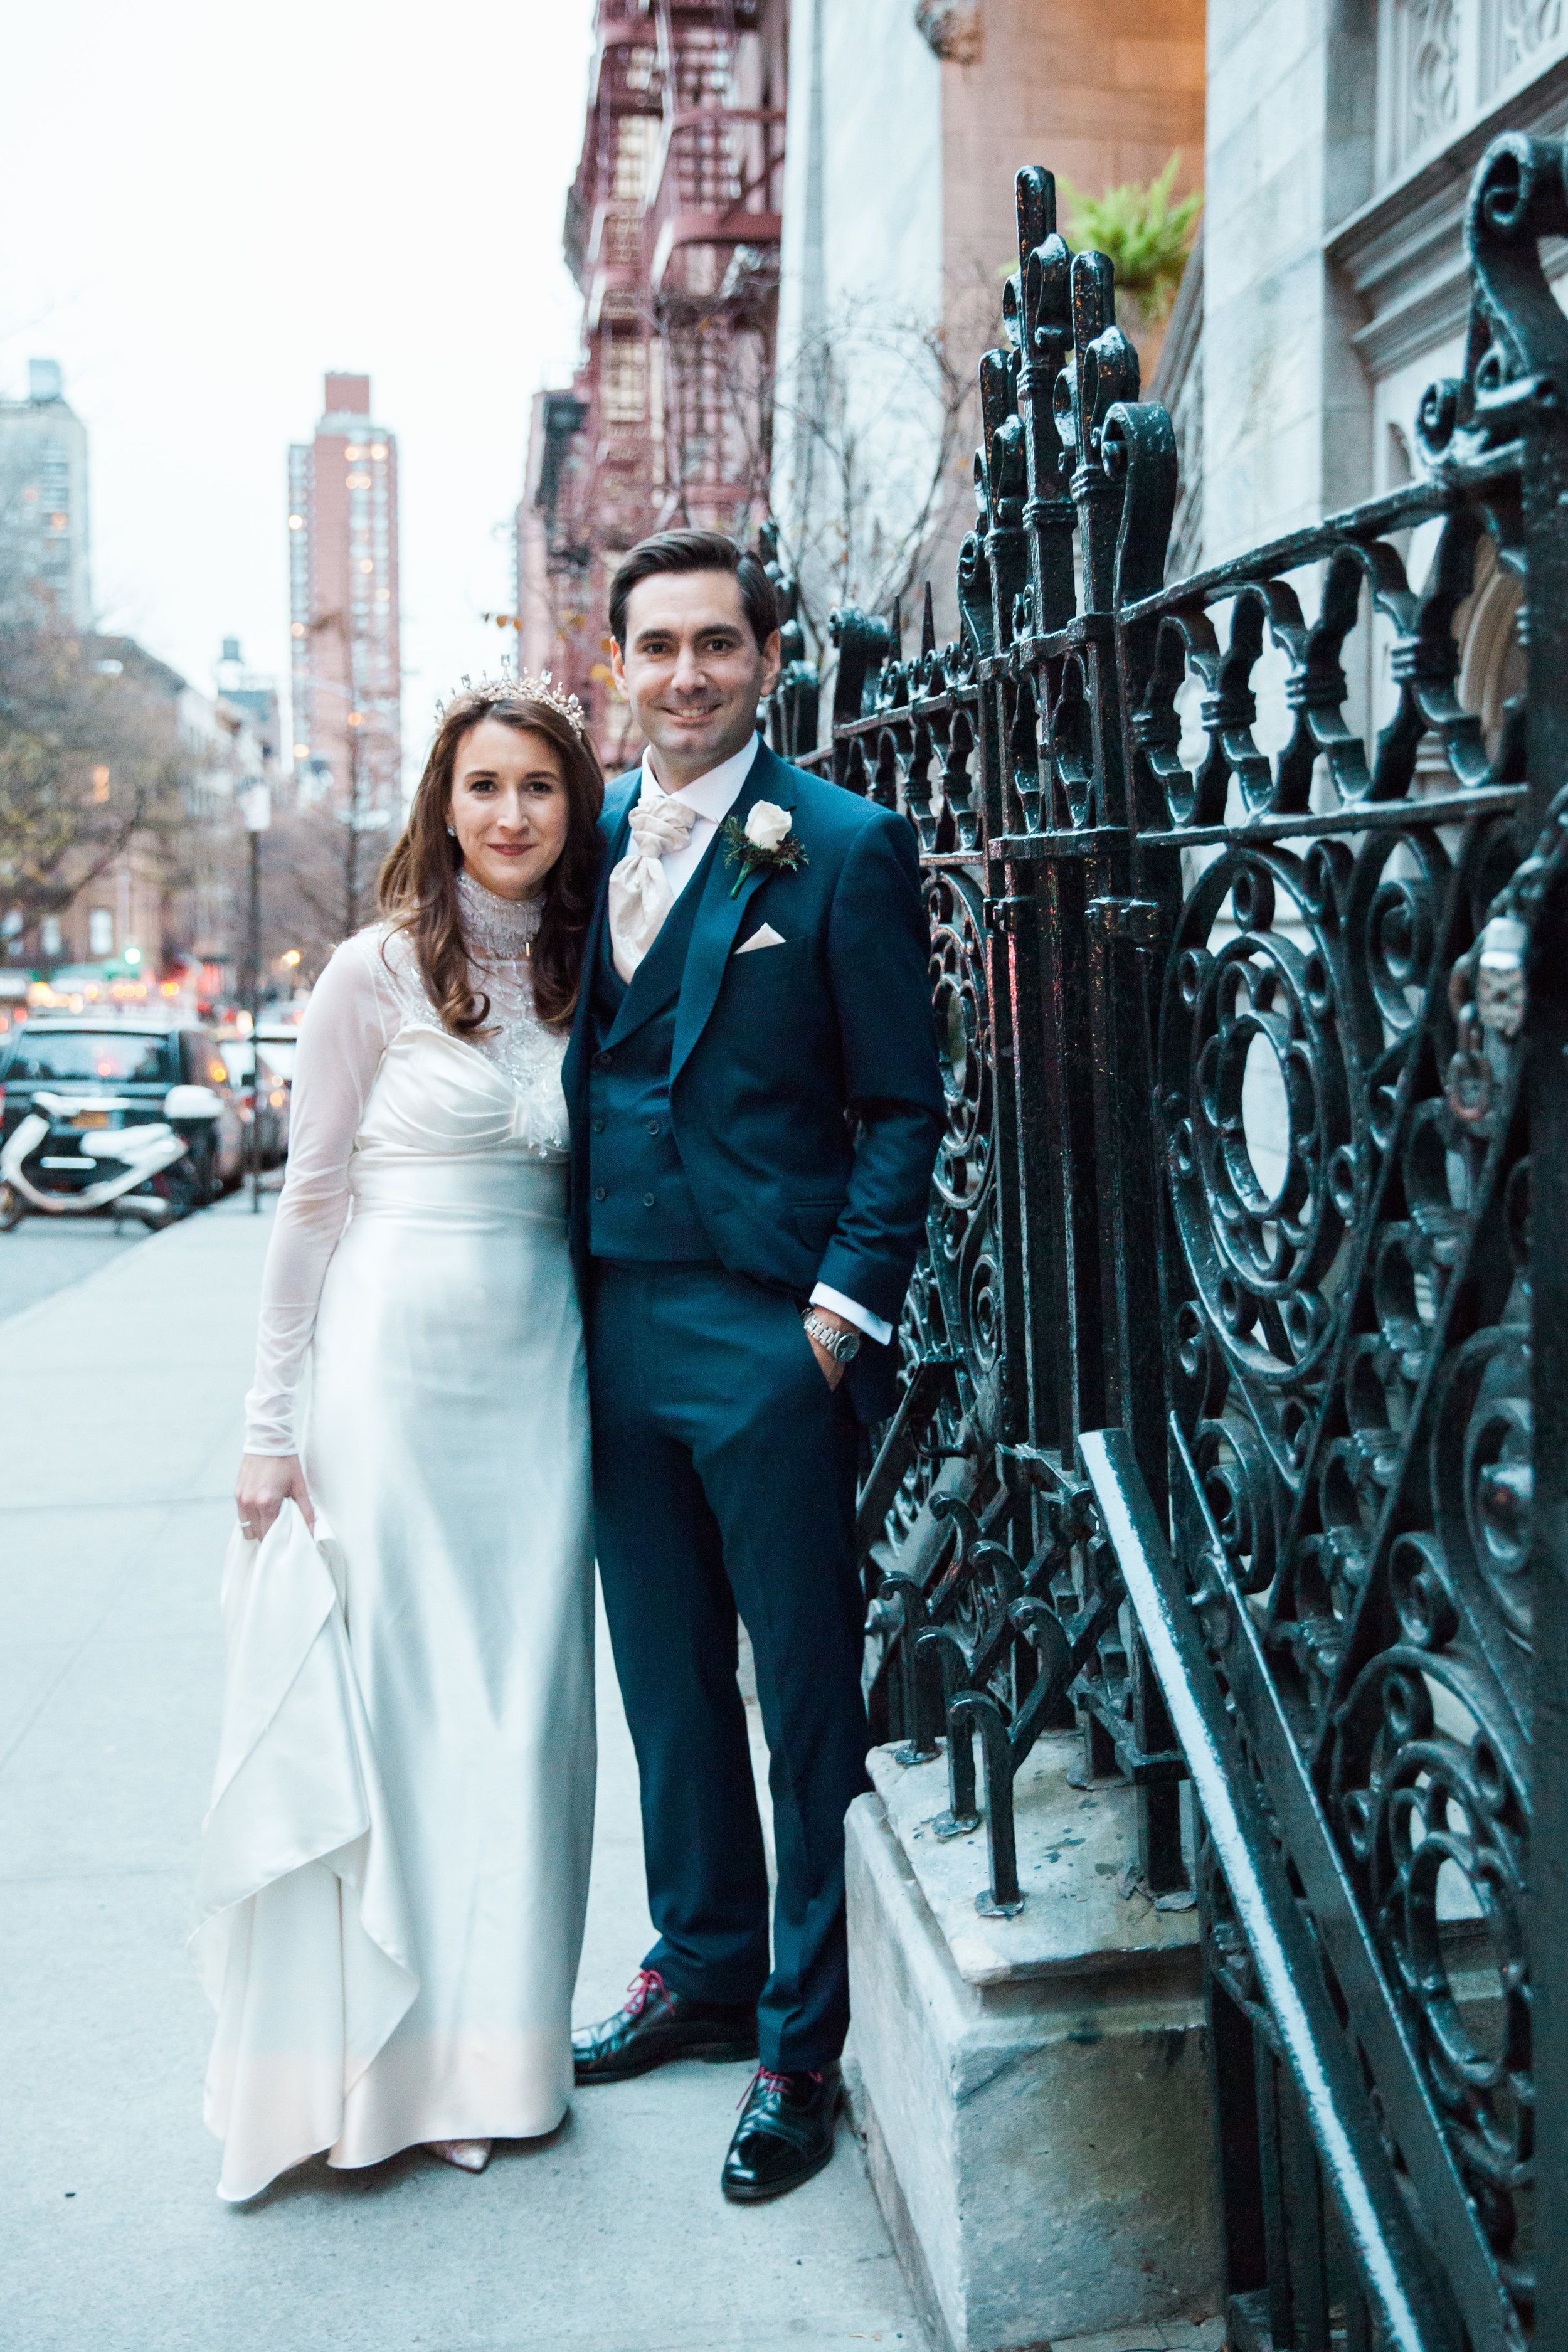 Catholic wedding dresses  Catholic Art Deco Wedding New York City Upper East Side  Catholic